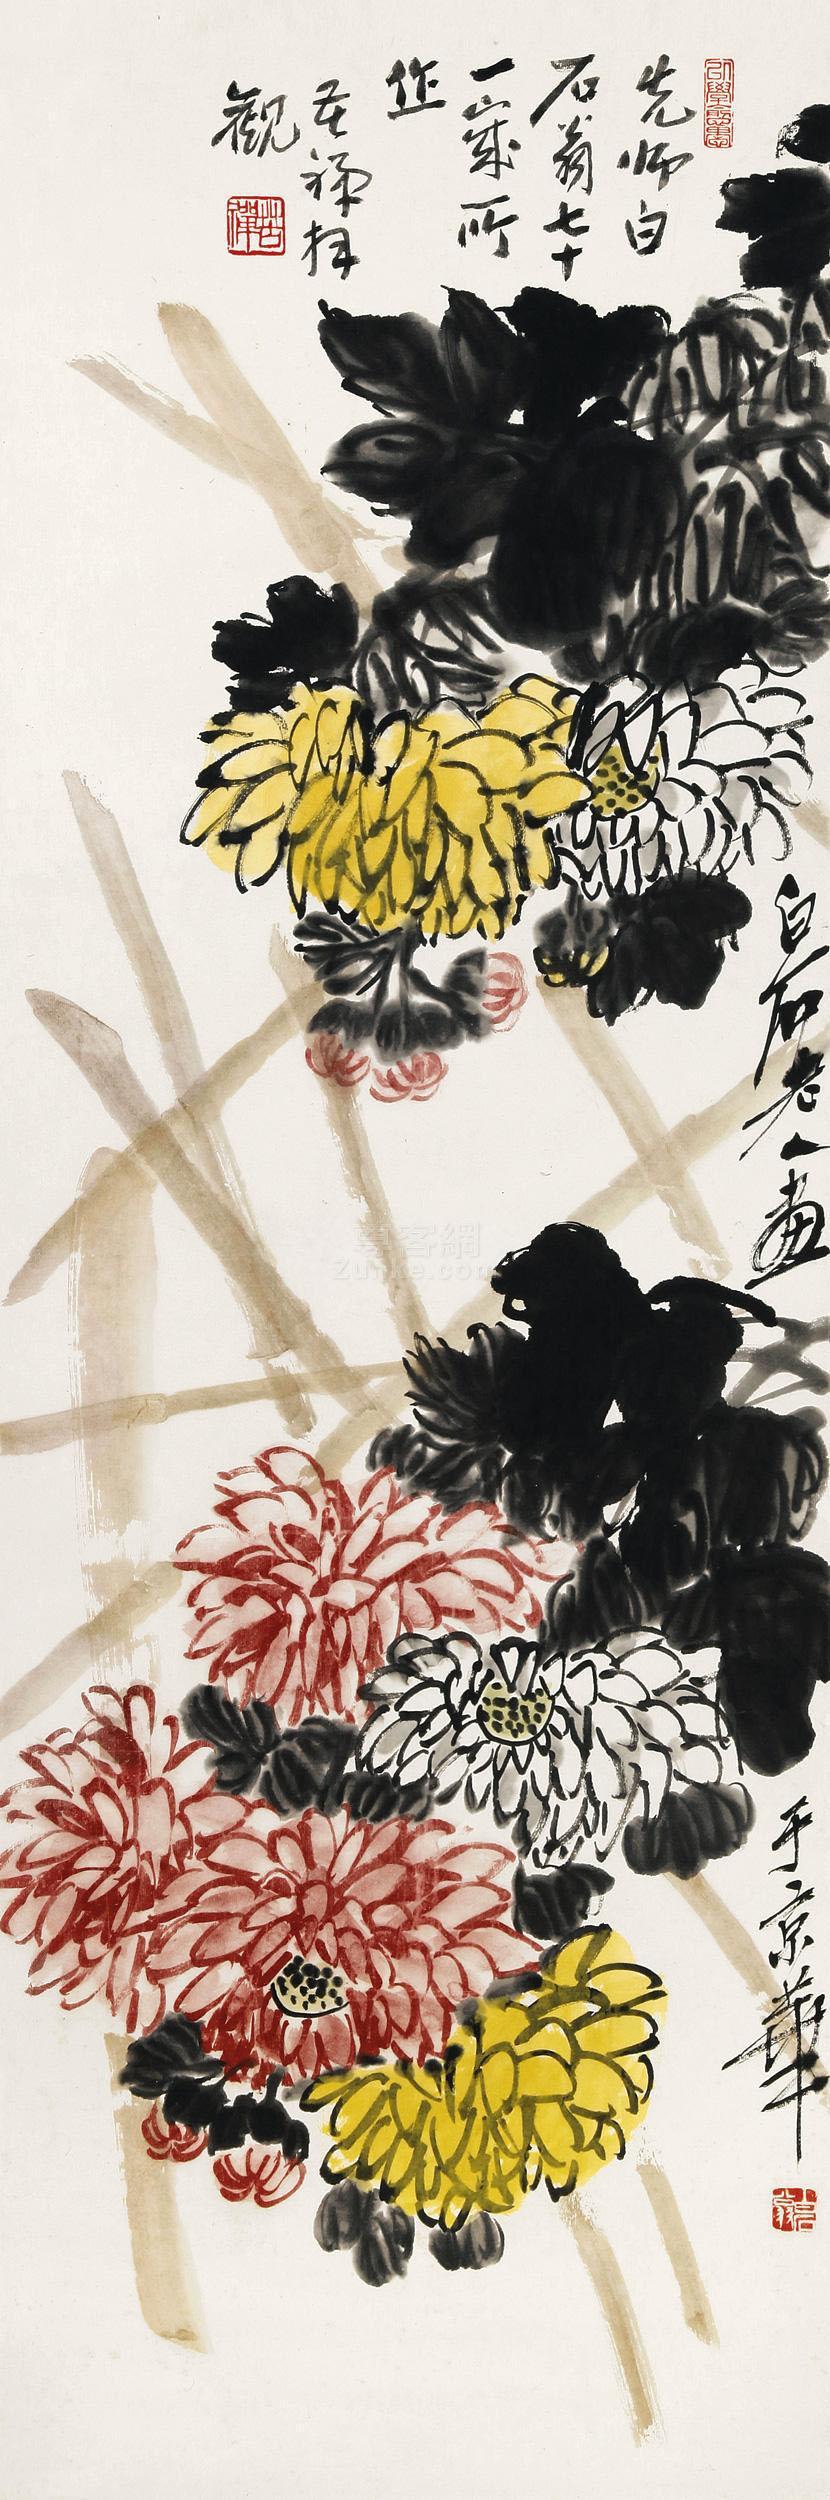 齐白石 篱笆菊花图 立轴 设色纸本作品欣赏